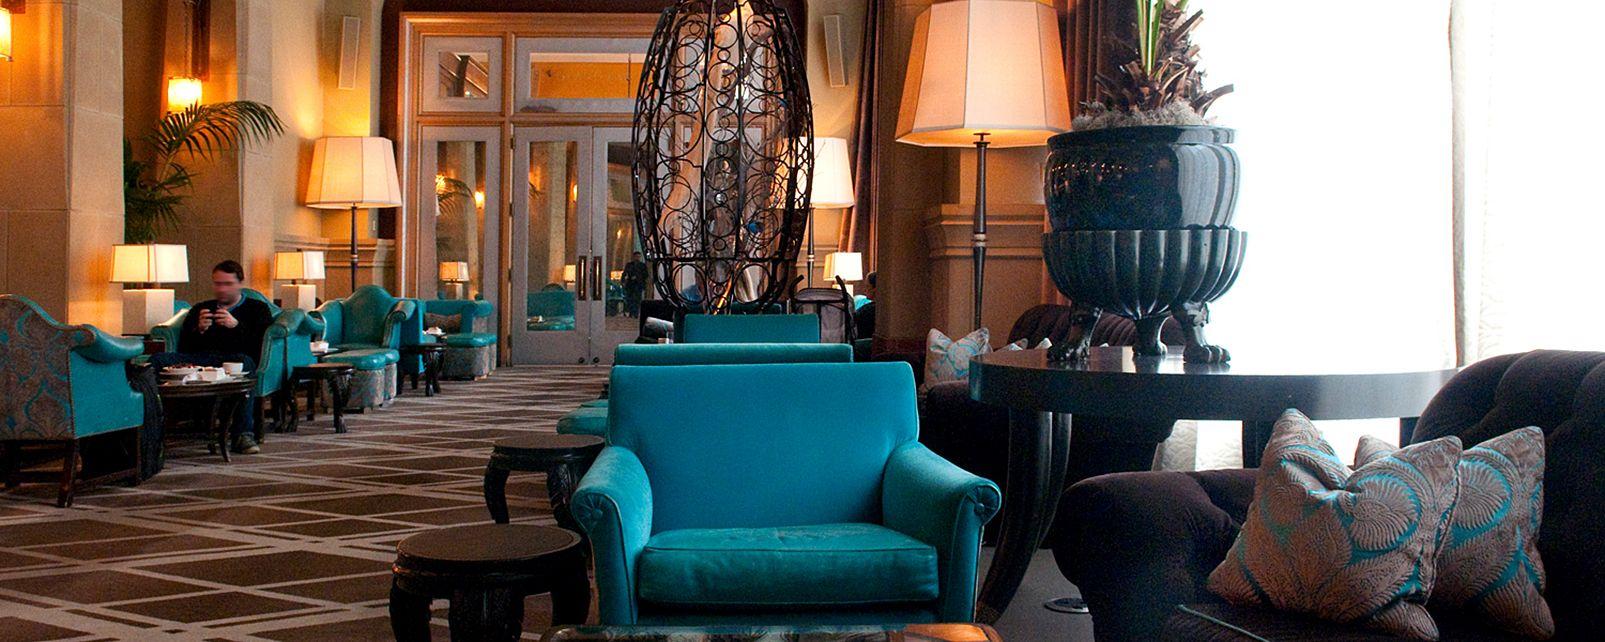 Hotel Soho Grand